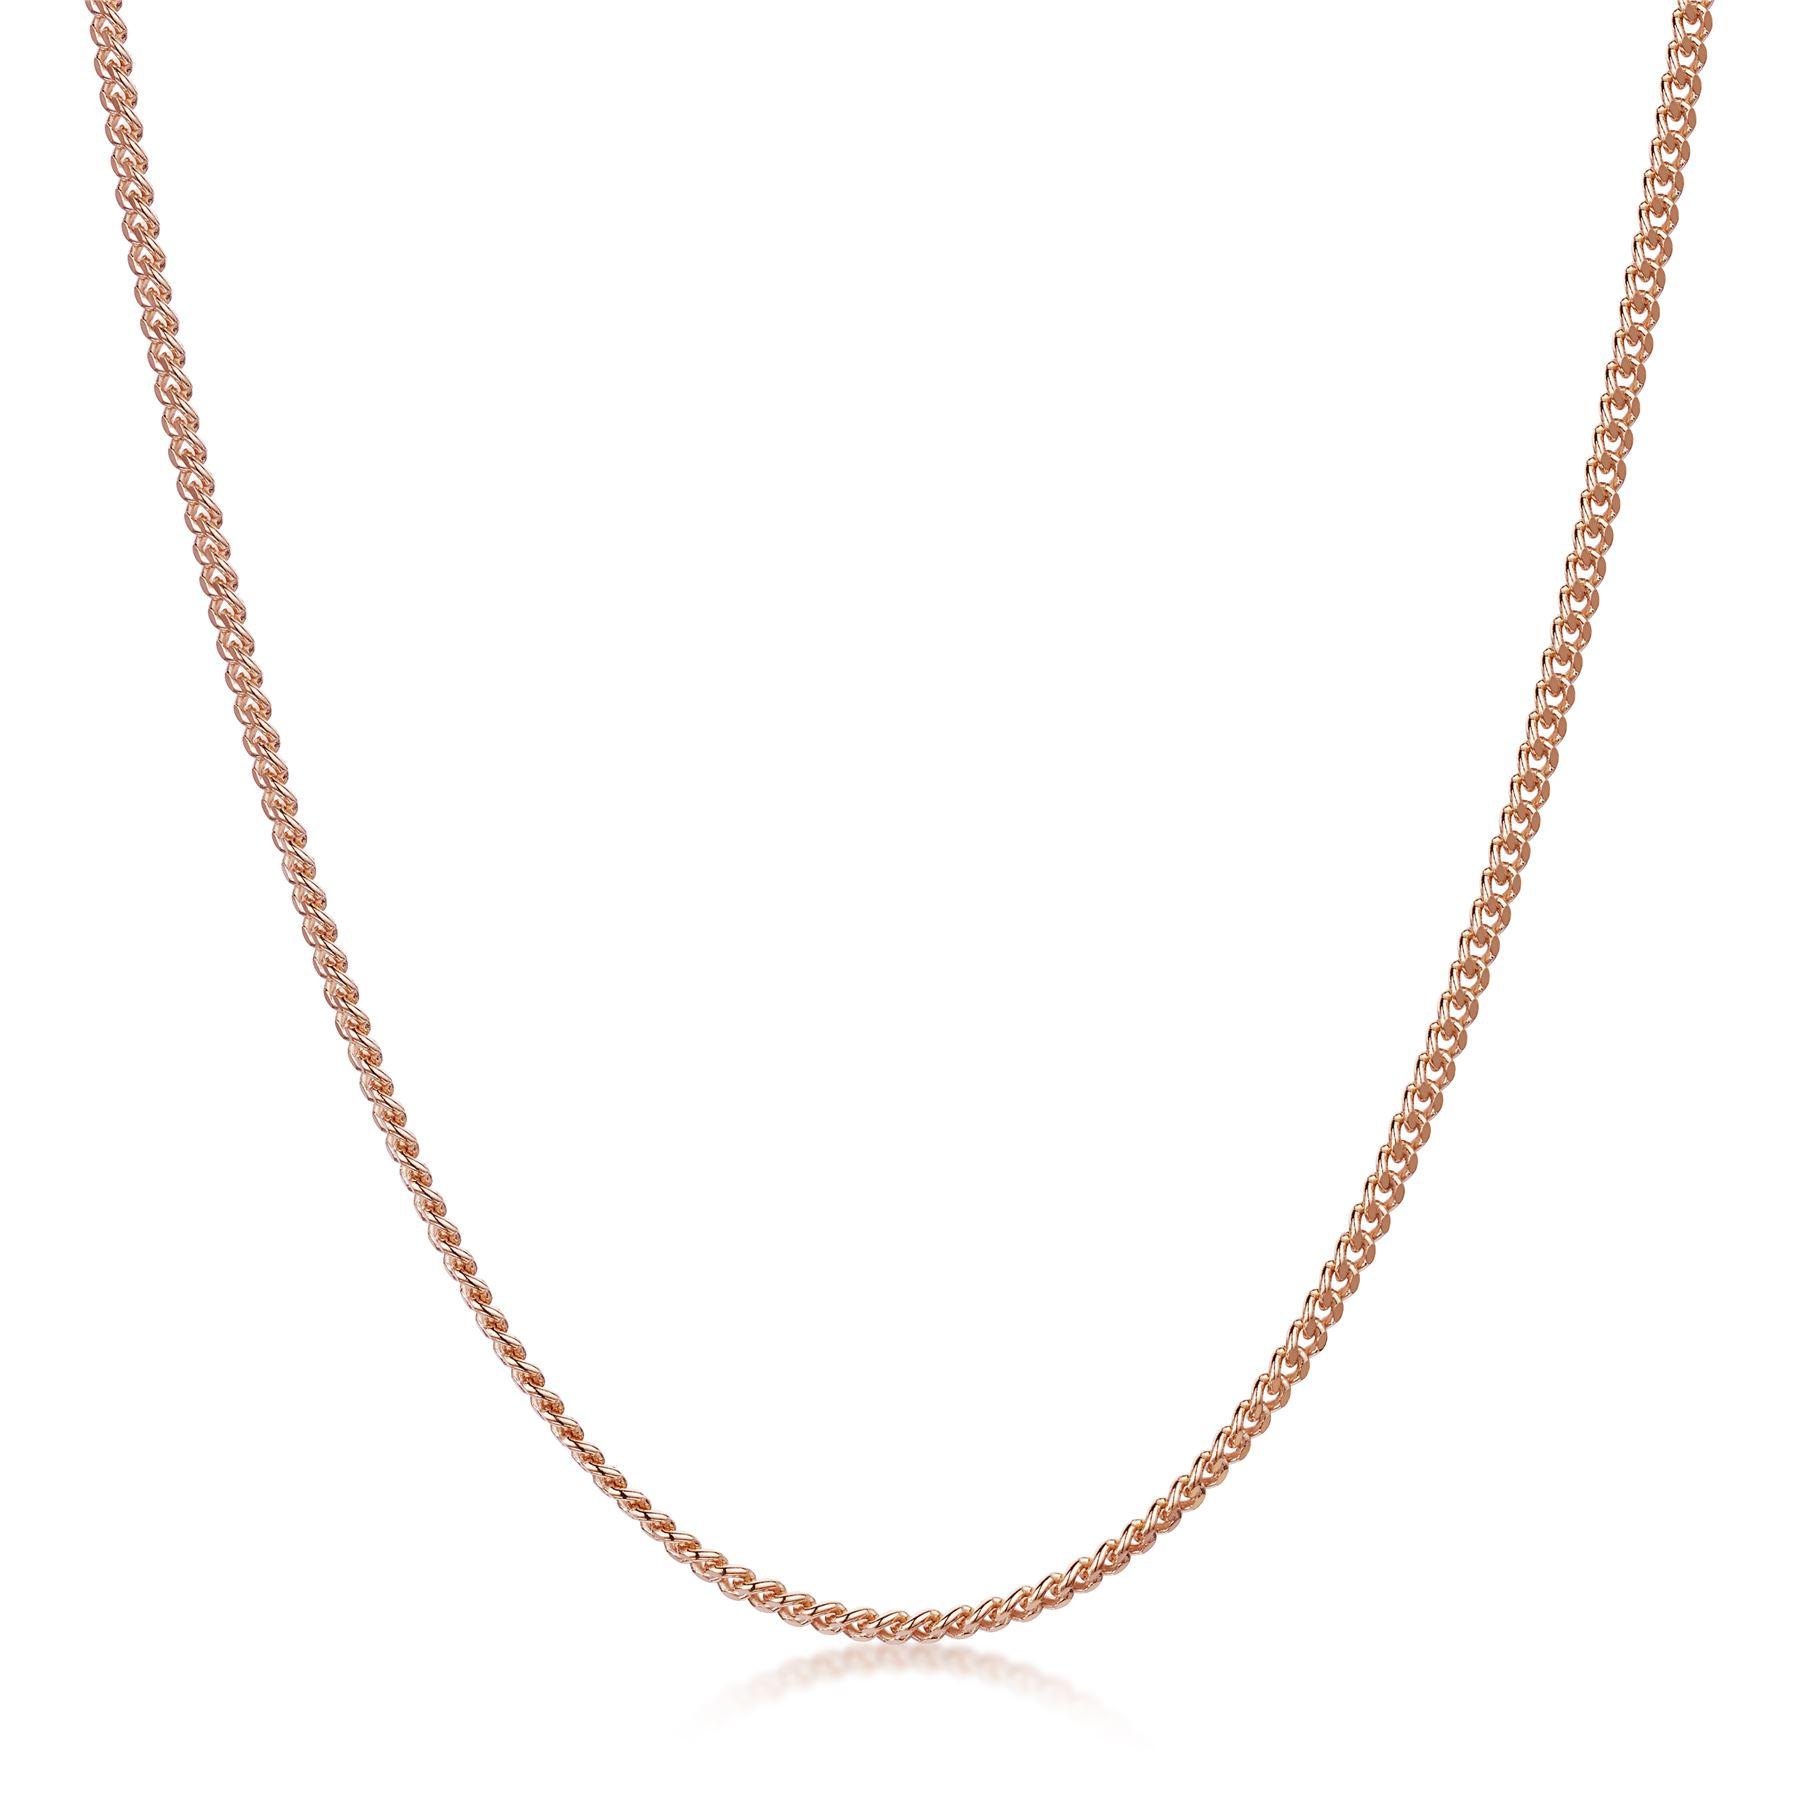 Amberta-Collar-en-Fina-Plata-De-Ley-925-y-Chapado-Oro-Rosa-14k-Cadena-para-Mujer miniatura 31